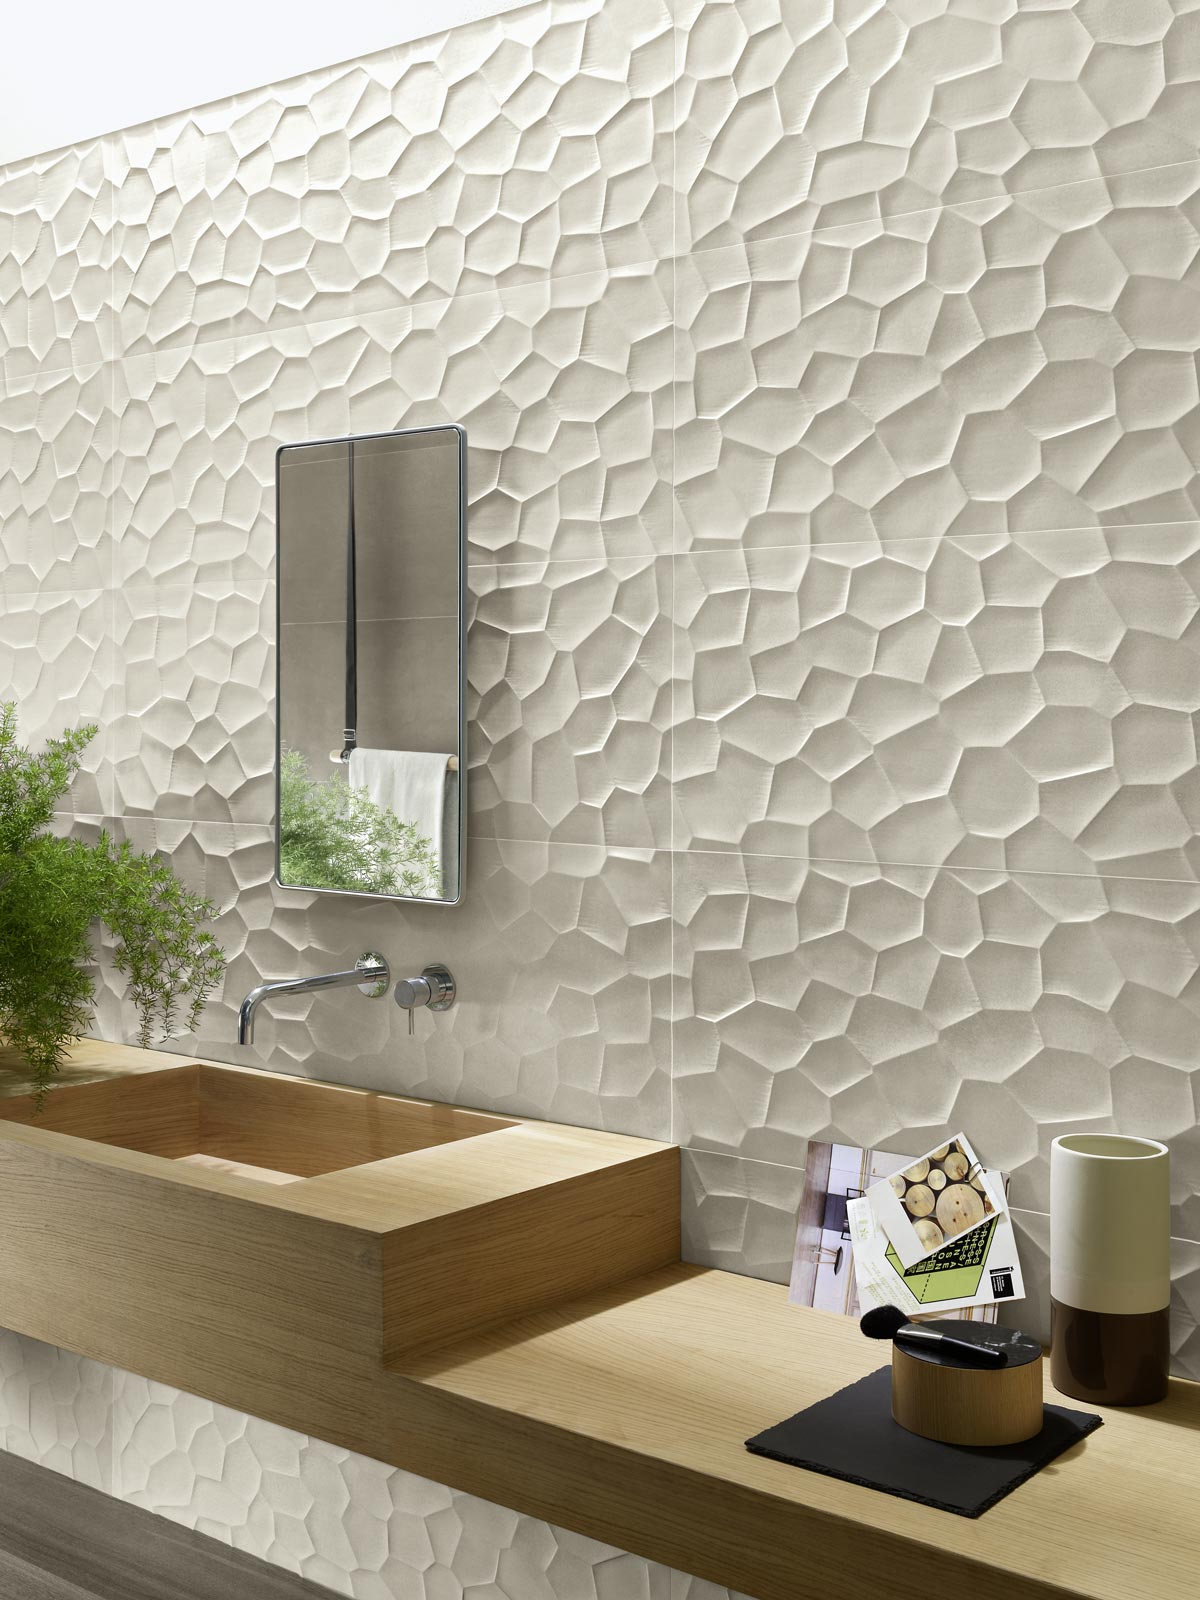 Collezione terracruda rivestimento effetto cemento ragno - Immagini piastrelle bagno ...